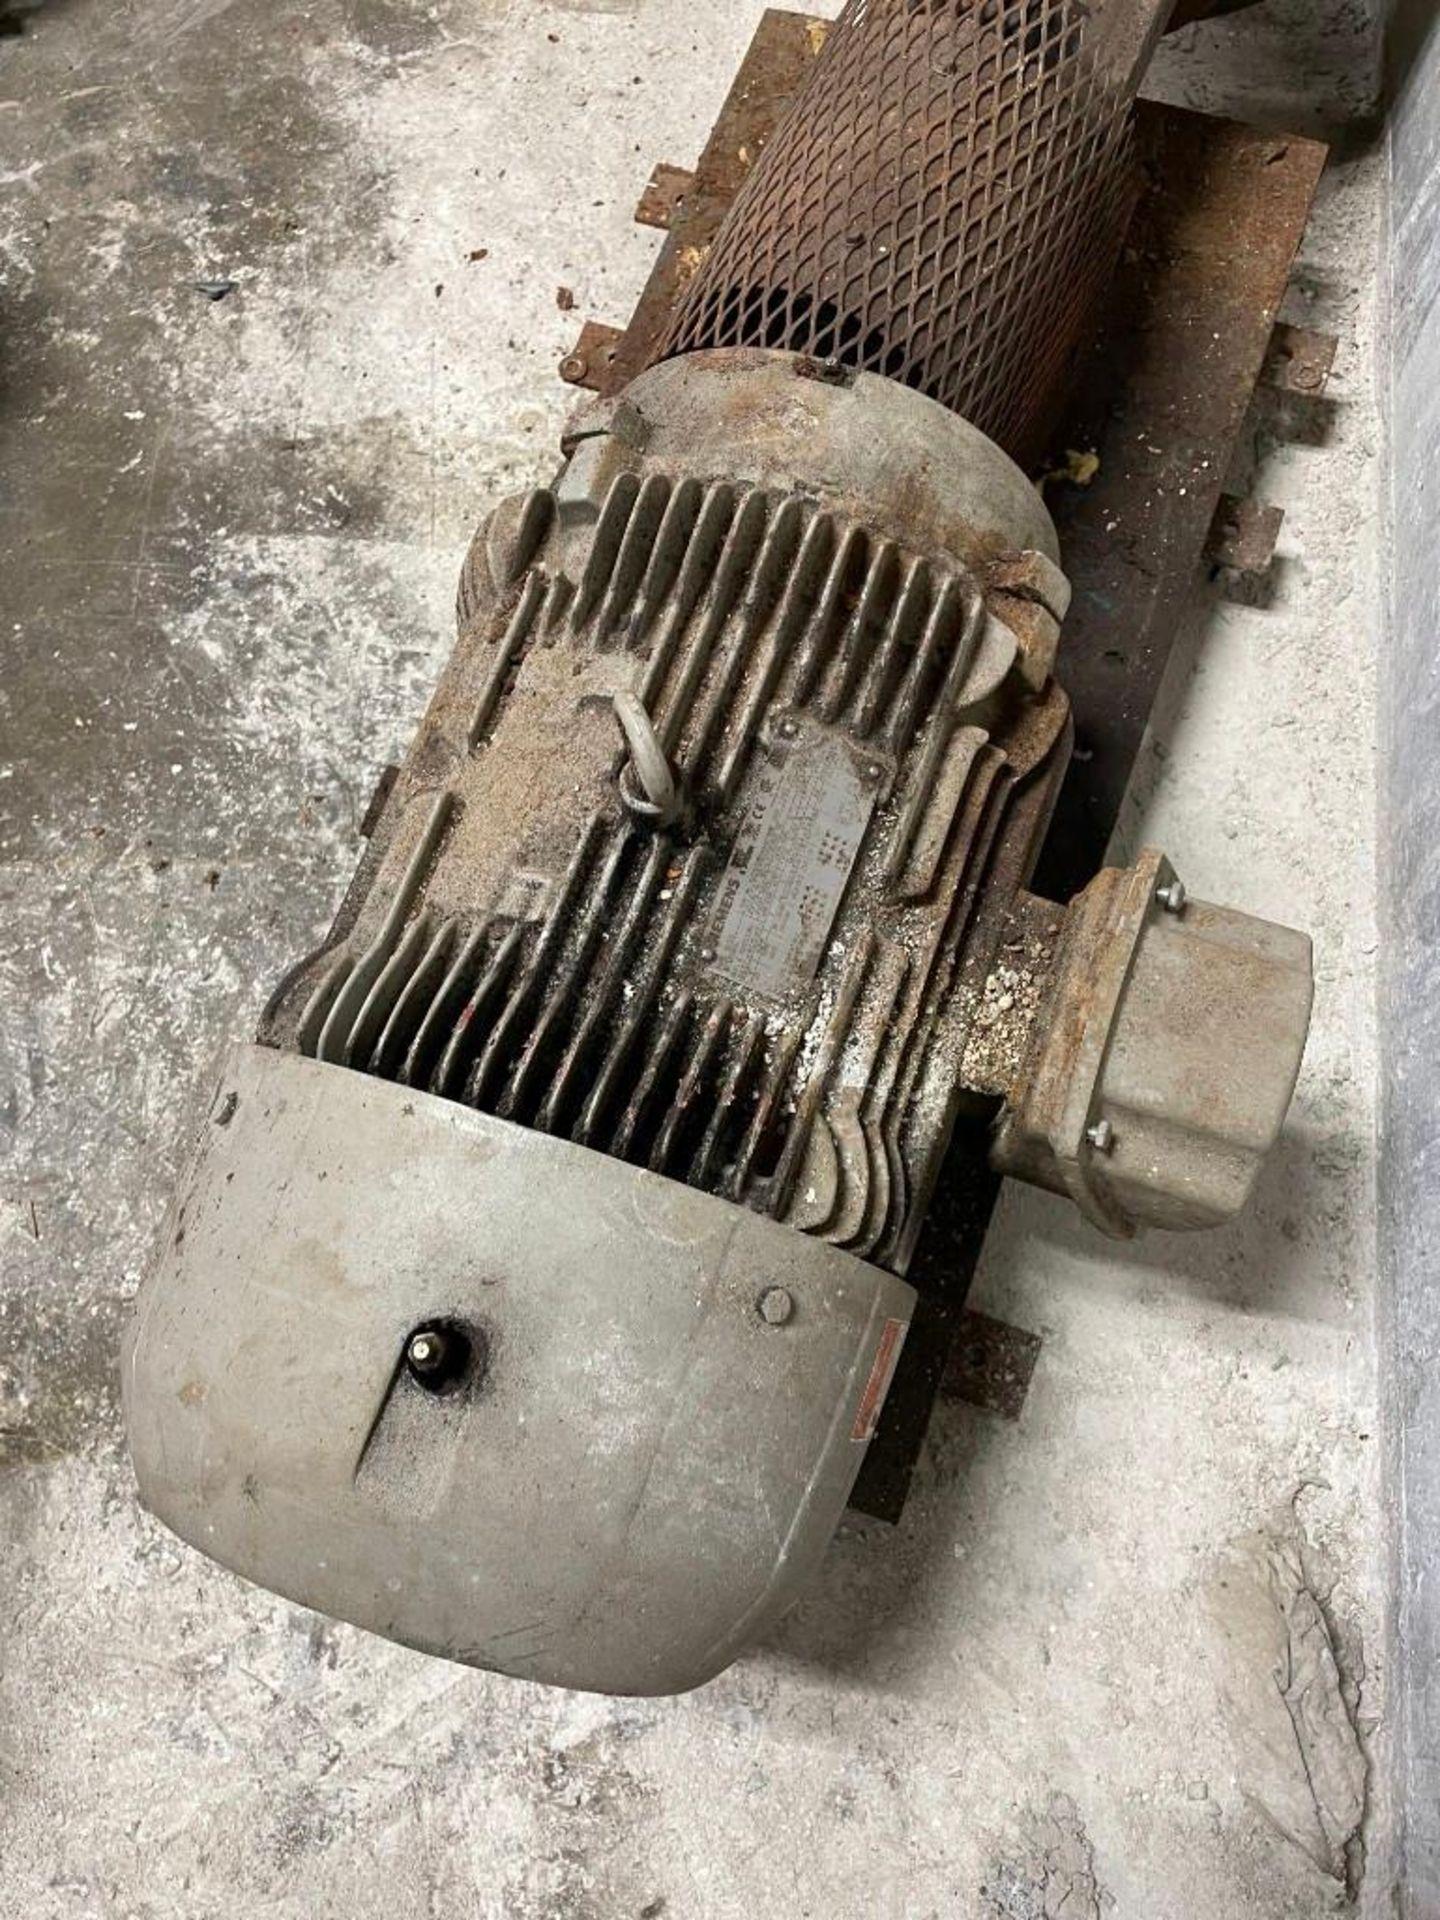 Peerless Pump with 20 Horsepower Siemens Motor - Image 3 of 5